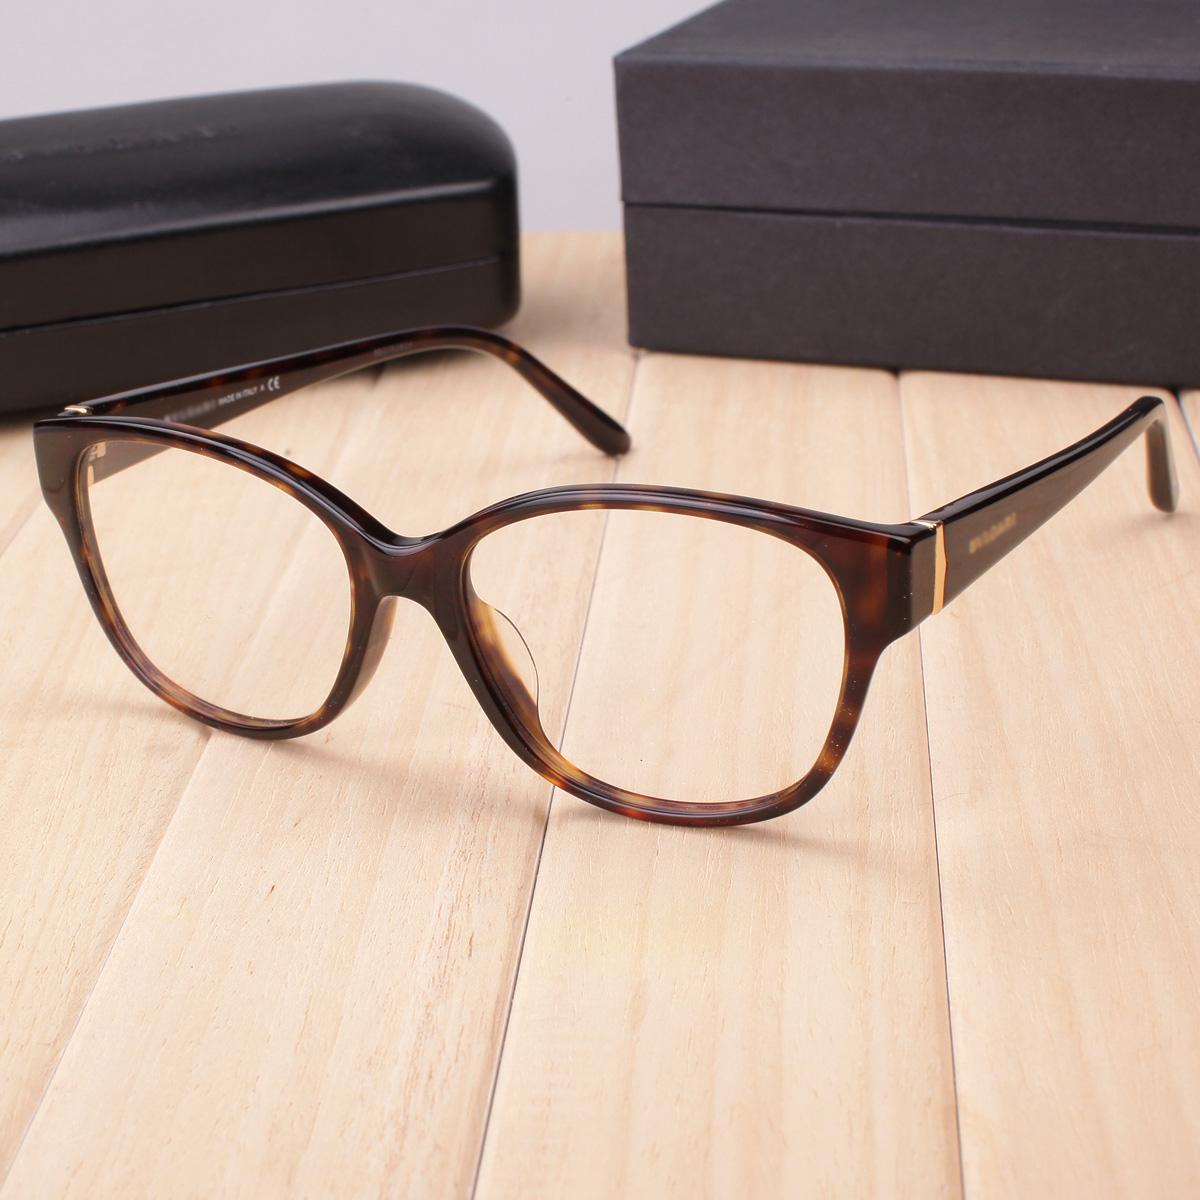 最新款 高品质 进口超轻板材眼镜架 近视平光眼镜 眼镜框 4077